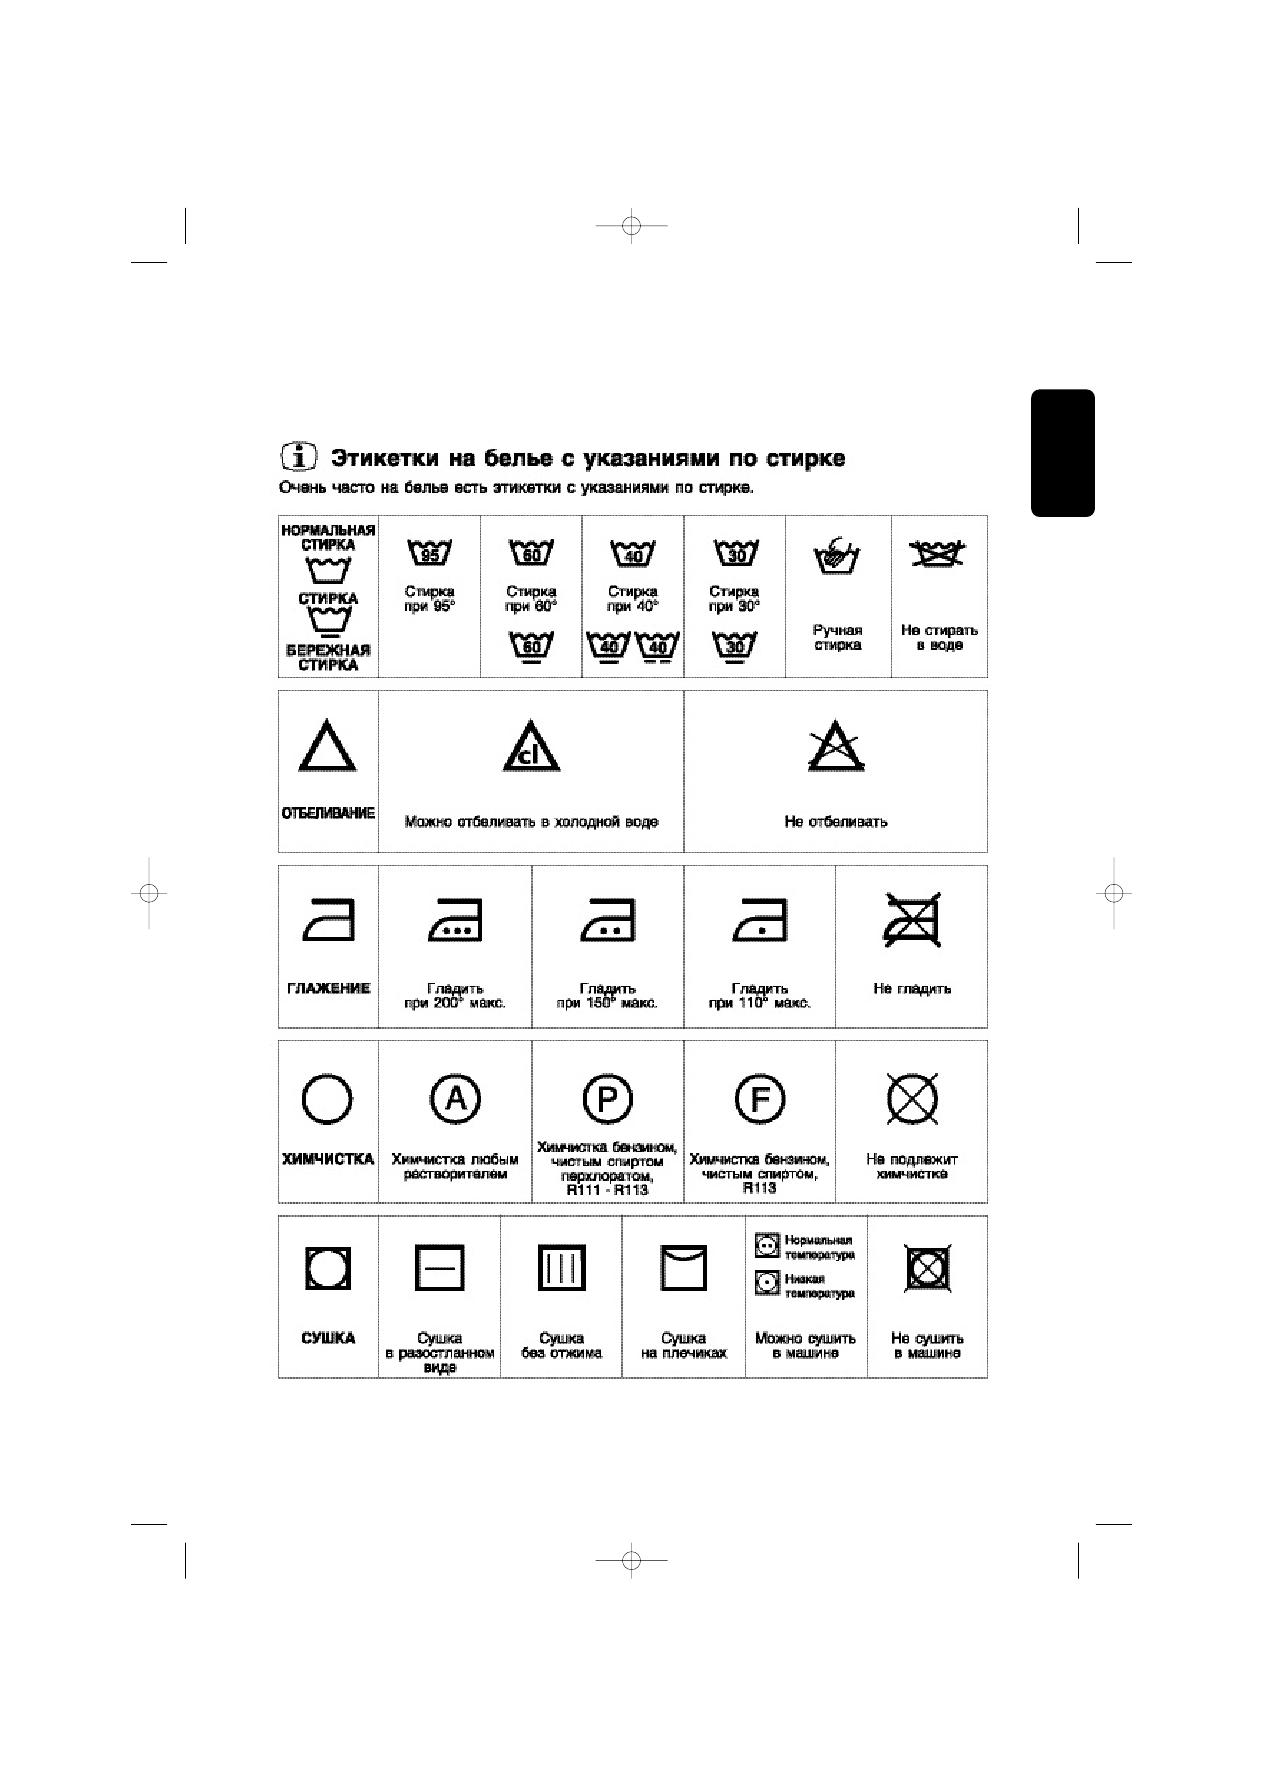 Электролюкс стиральная машина ews 1046 инструкция